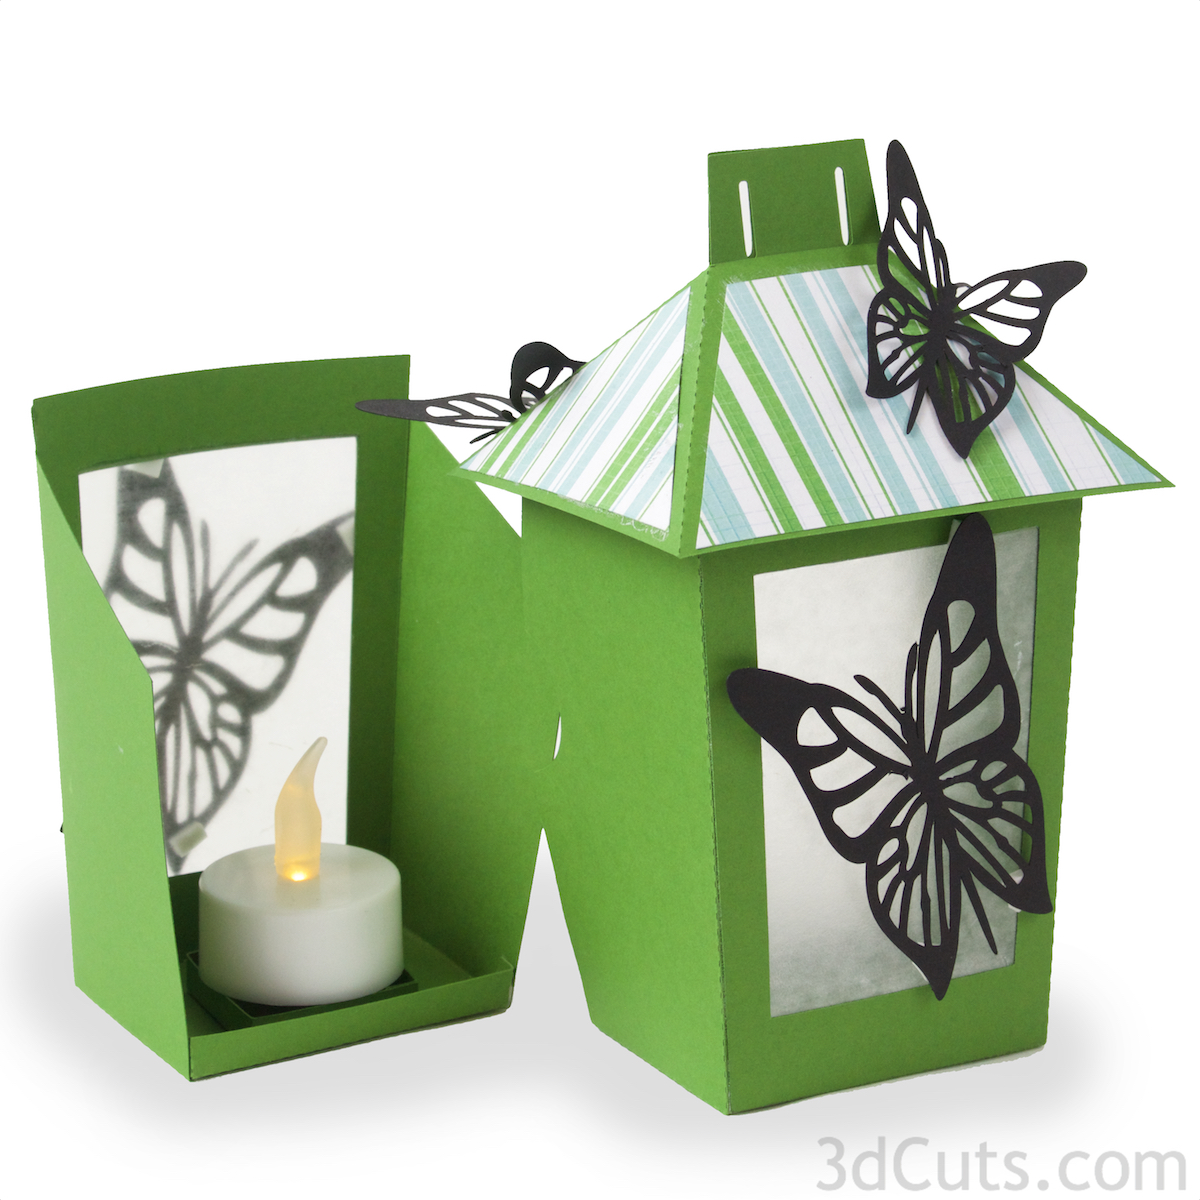 Butterfly Lantern 3dcuts 30.jpg